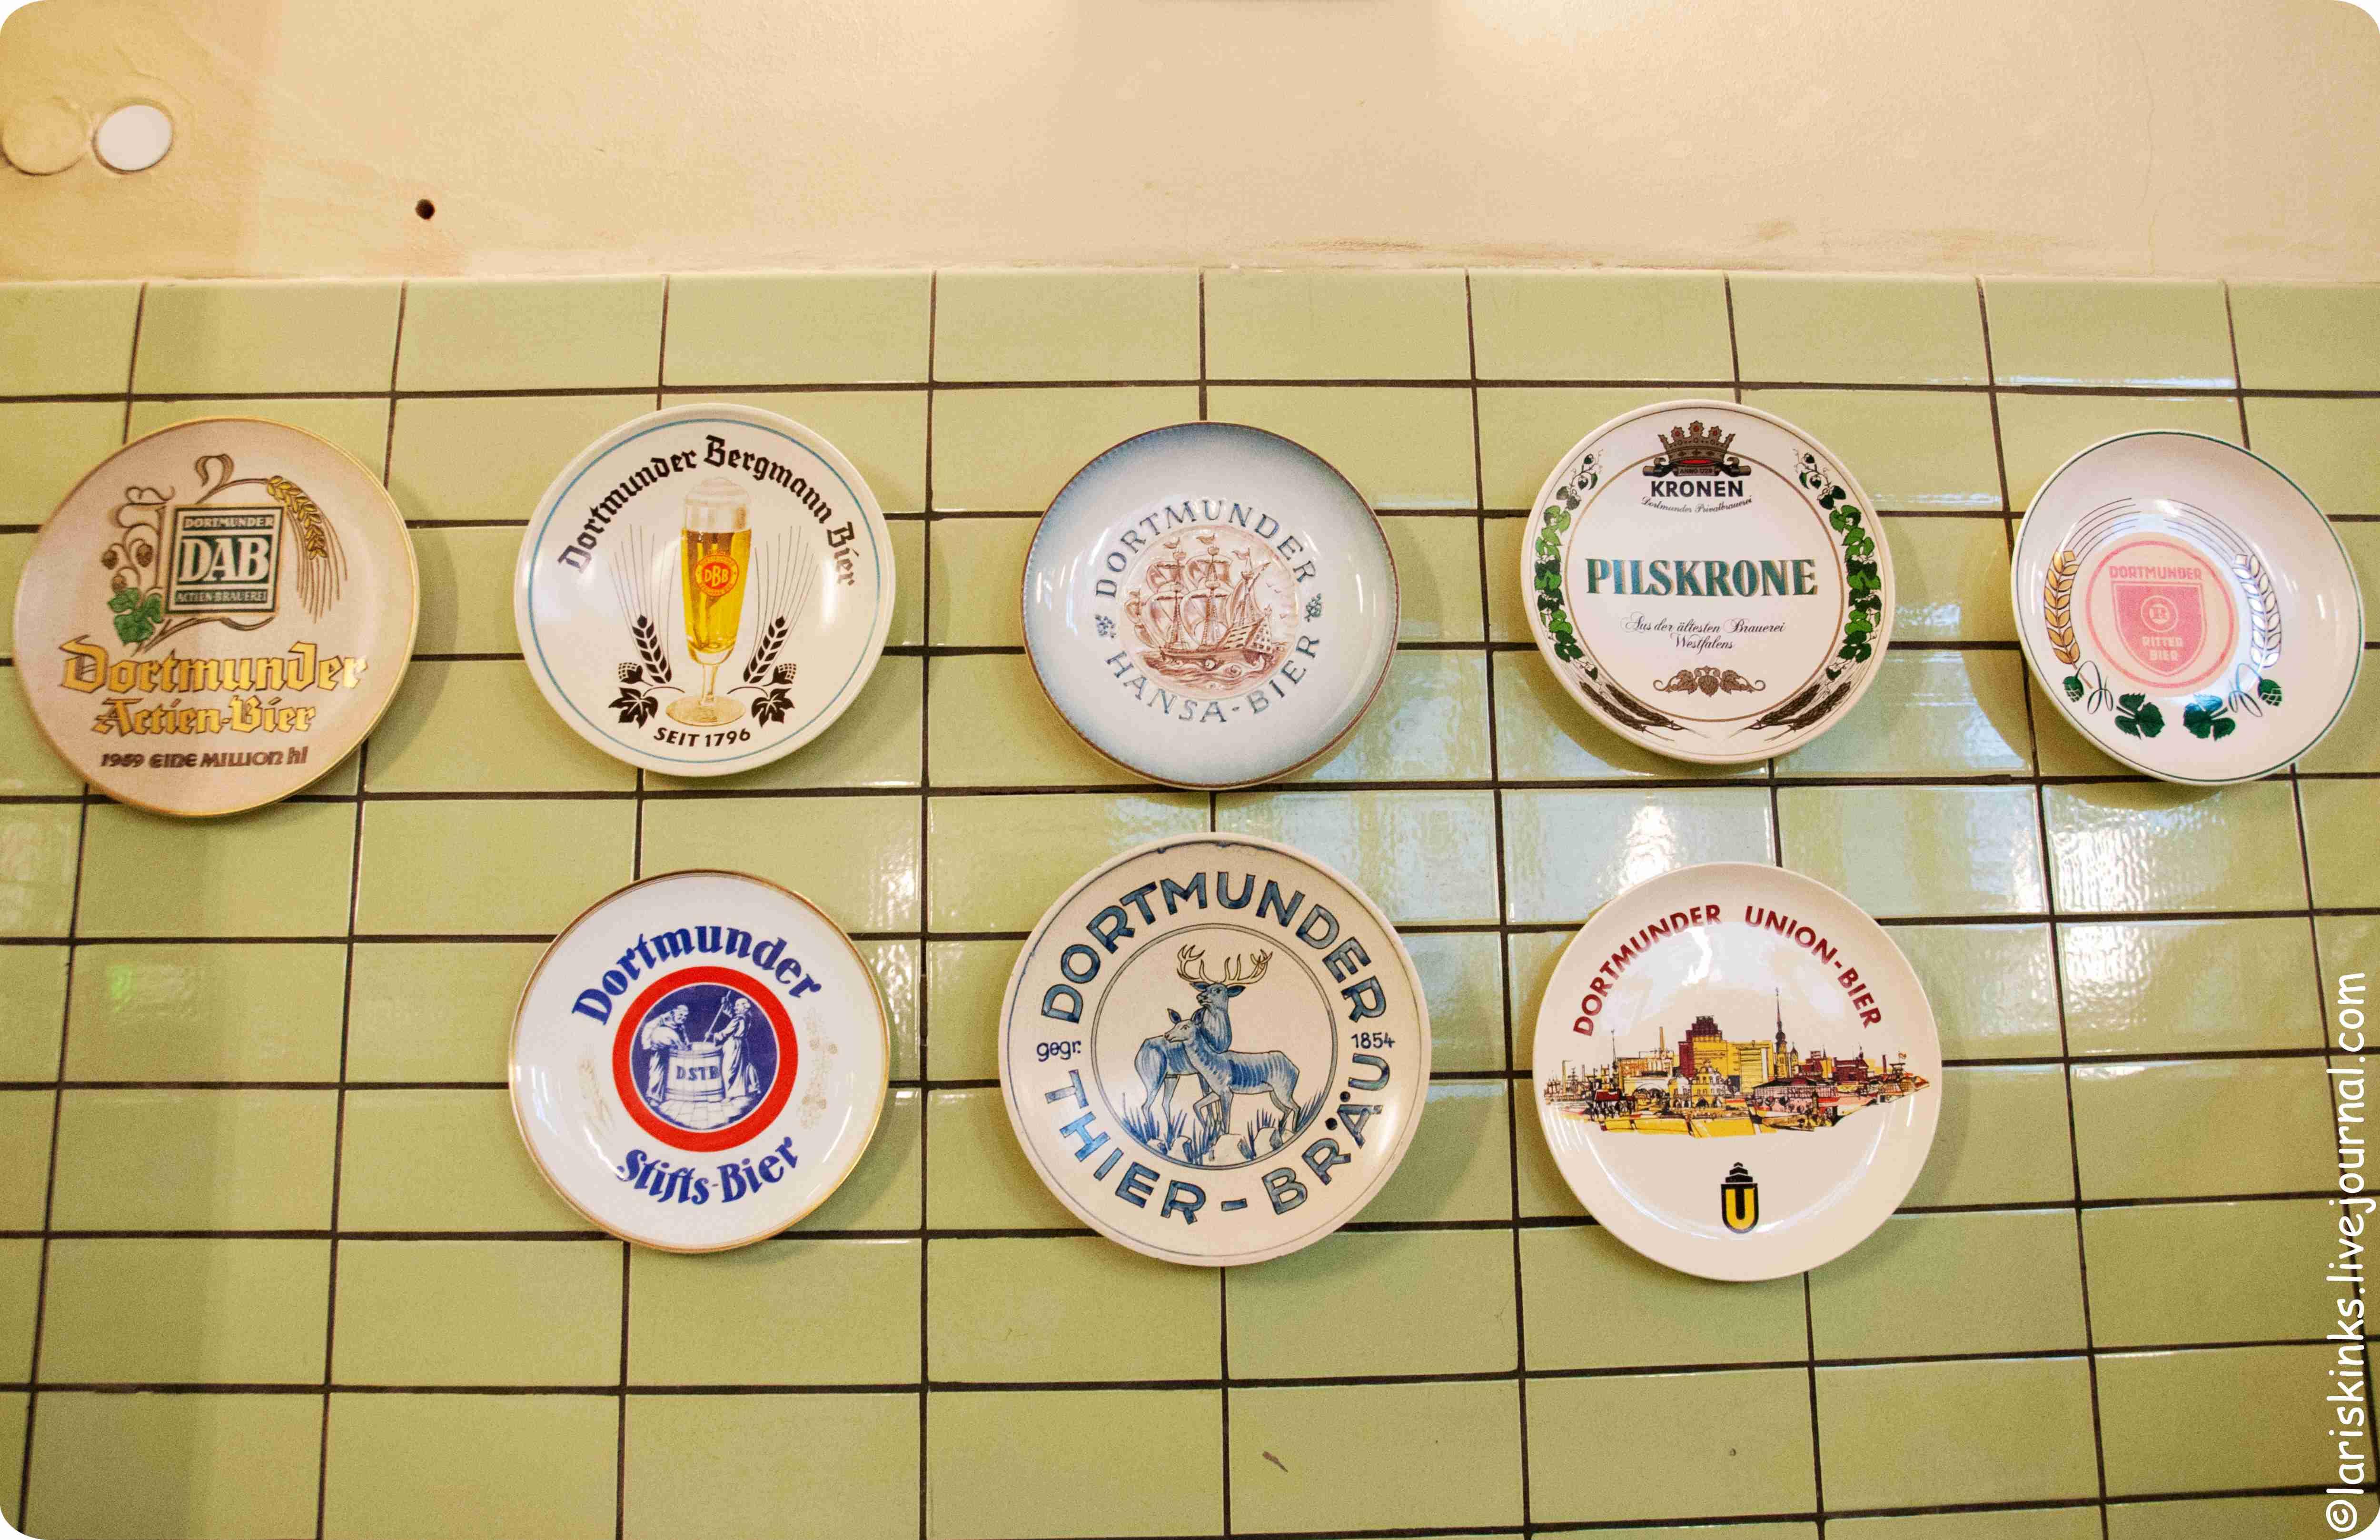 Сувенирные тарелки в Музее Пива (Дортмунд, Германия)